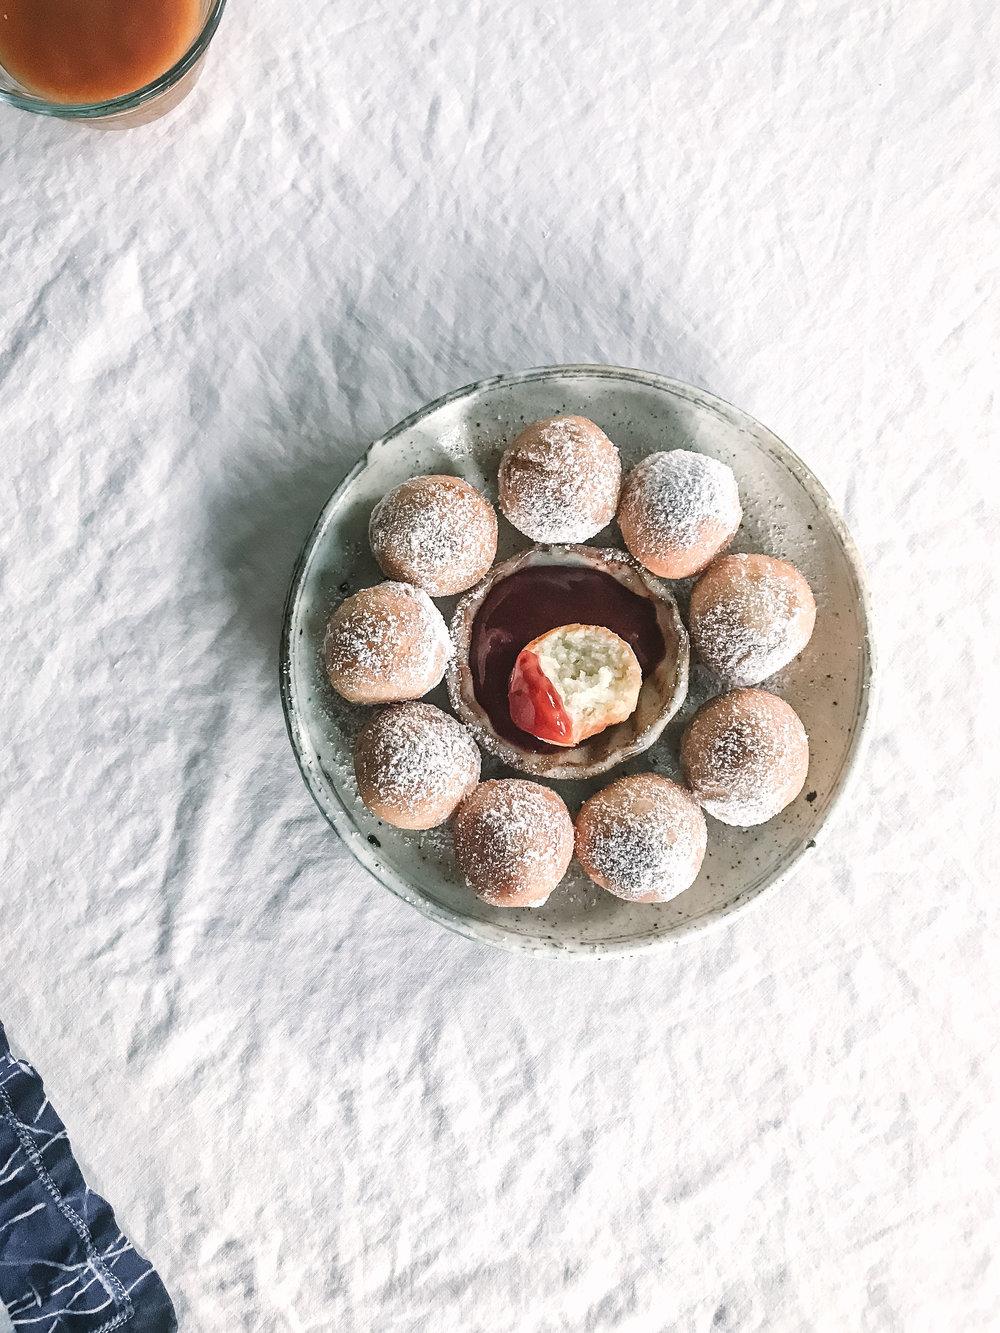 hanukkah mochi jelly doughnut